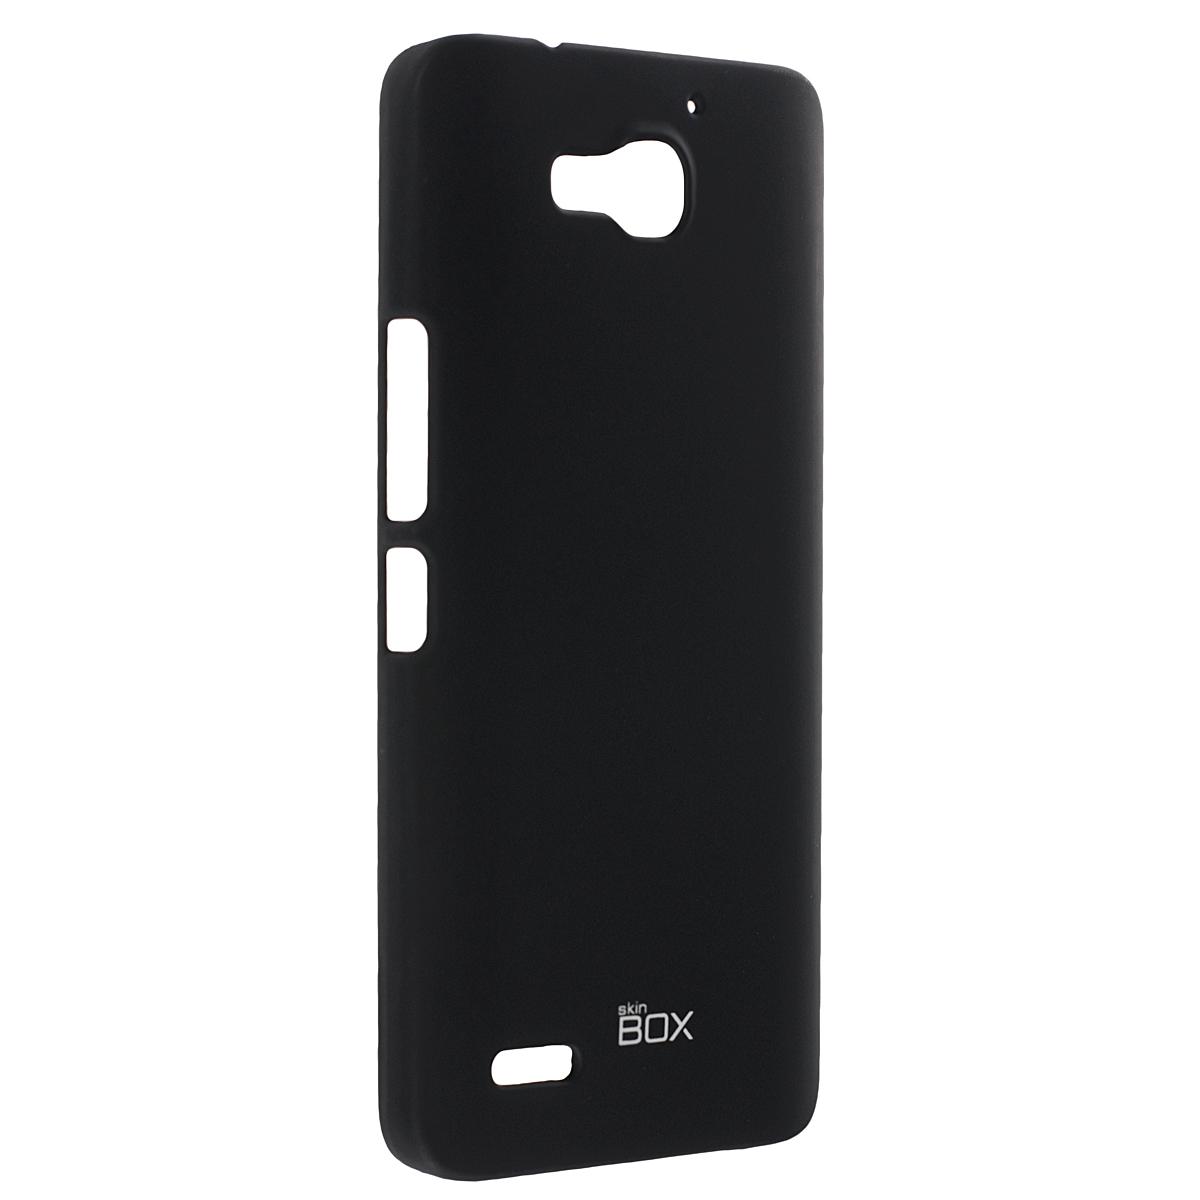 Skinbox Shield 4People чехол для Huawei Honor 3X, BlackT-S-HH3X-002Чехол Skinbox Shield 4People для Huawei Honor 3X предназначен для защиты корпуса смартфона от механических повреждений и царапин в процессе эксплуатации. Имеется свободный доступ ко всем разъемам и кнопкам устройства. В комплект также входит защитная пленка на экран телефона.